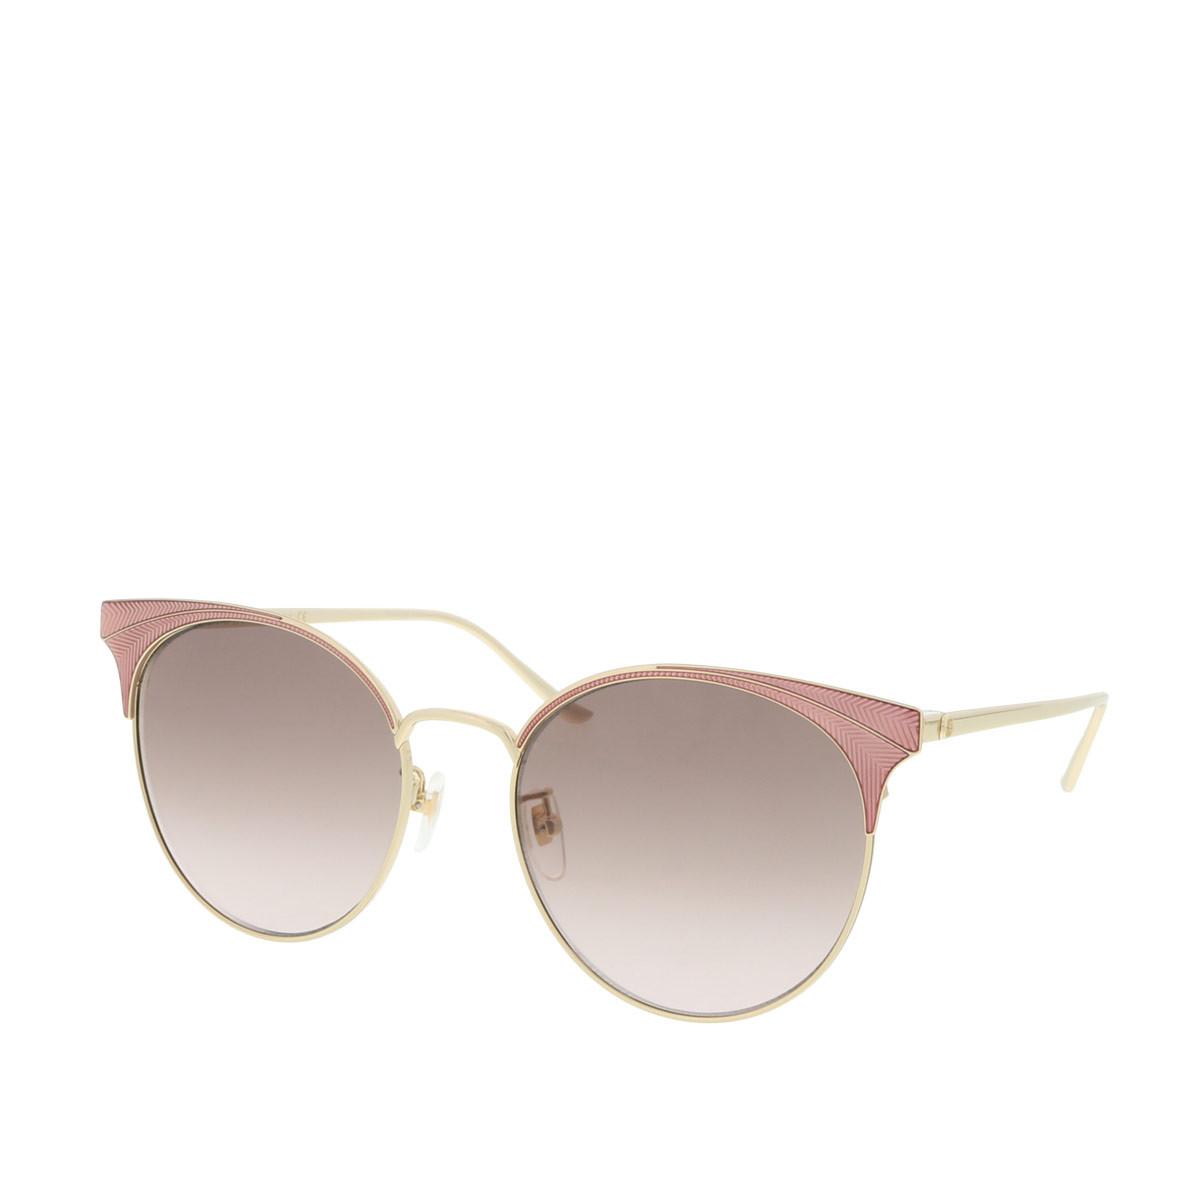 Gucci Sonnenbrille - GG0402SK 57 004 - in gold - für Damen